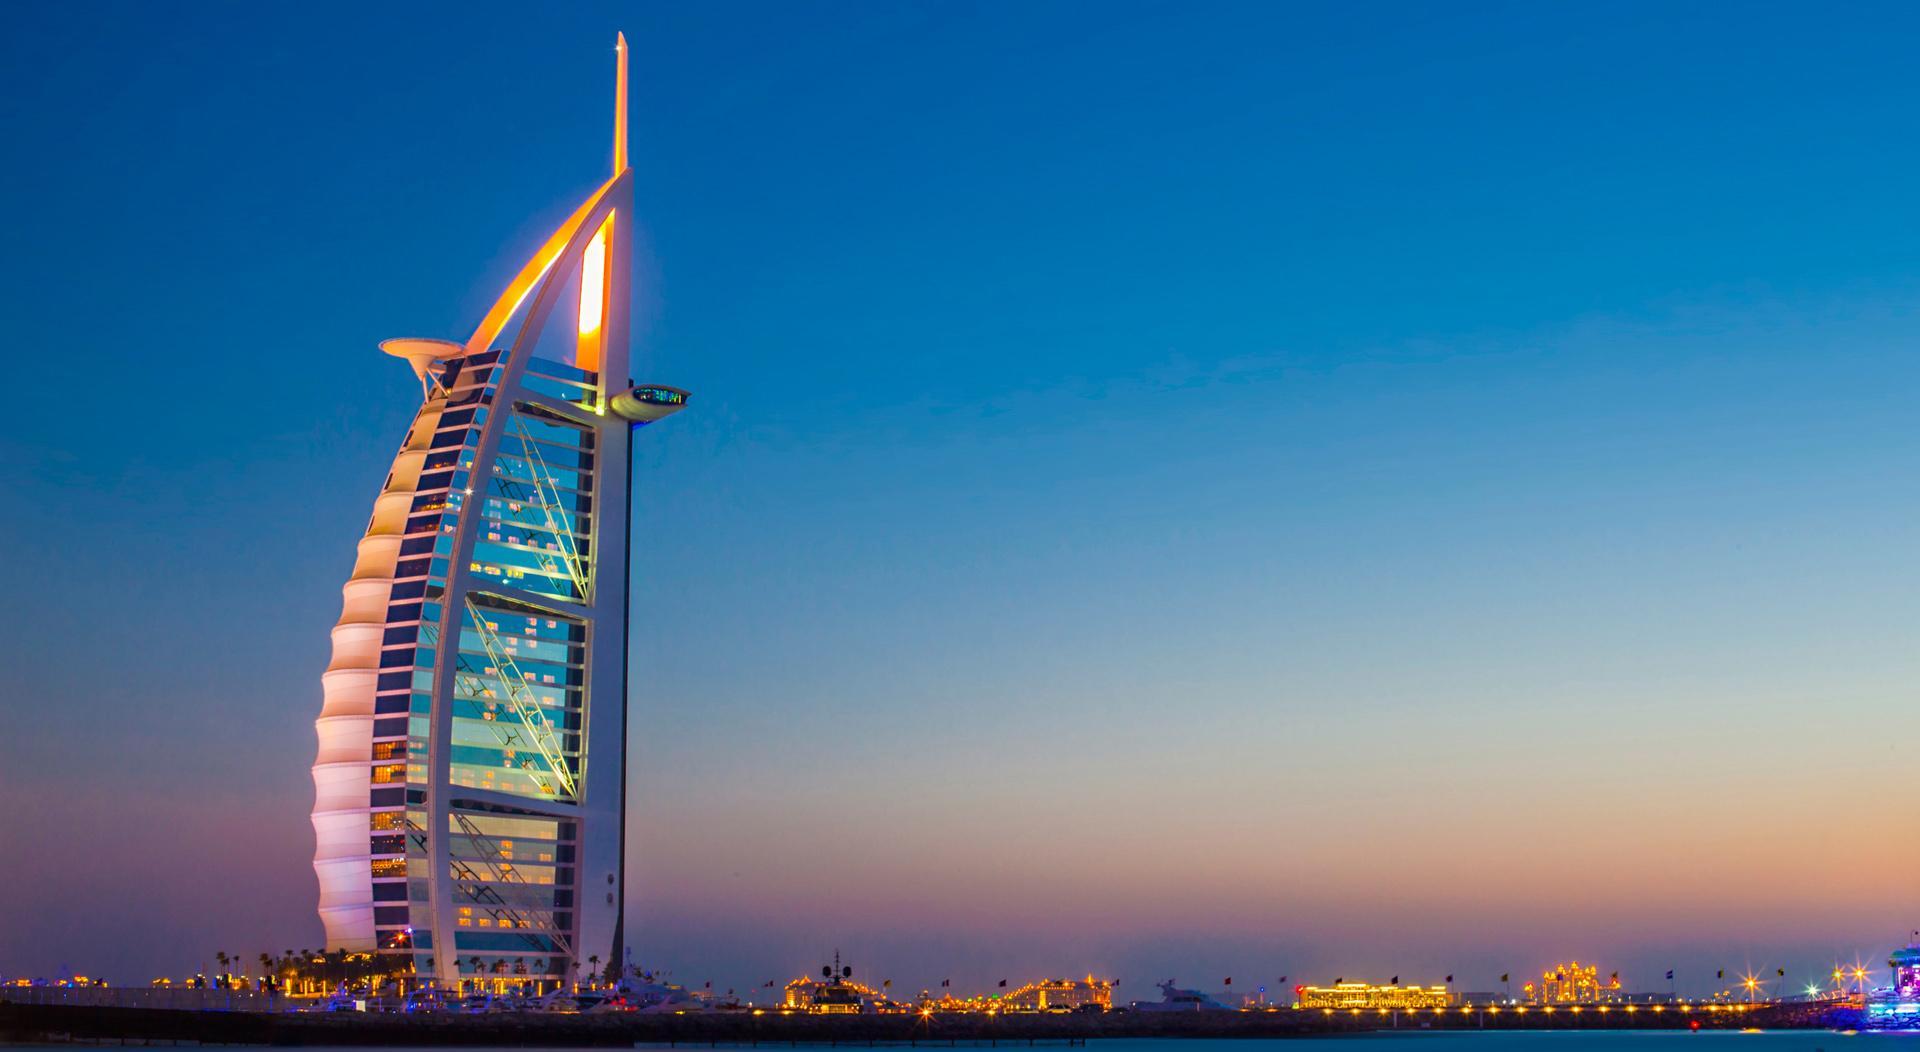 emCash можно будет оплачивать счета ЖКХ и покупки в магазинах Дубая